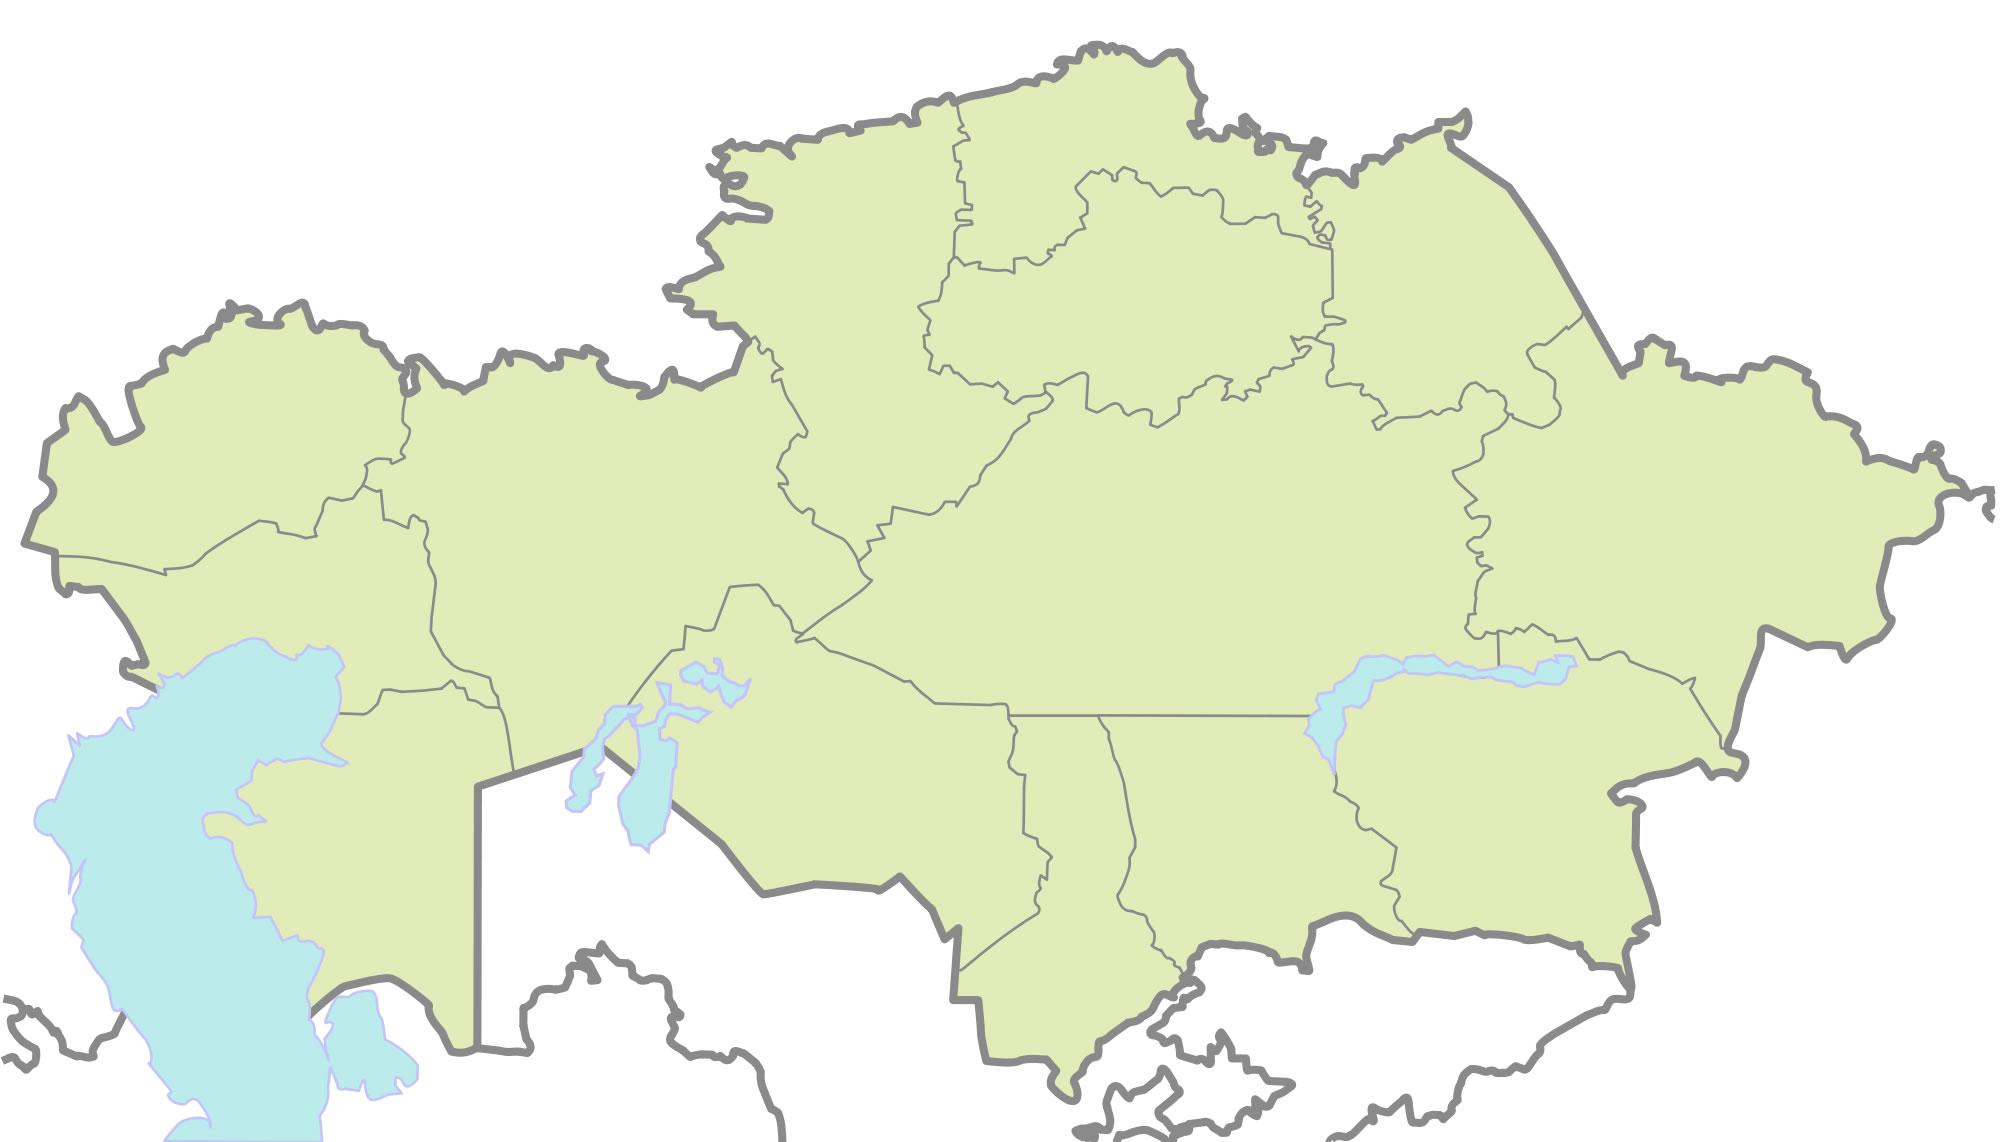 Carte kazakhstan vierge couleur carte vierge de kazakhstan en couleur - Carte du monde en couleur ...